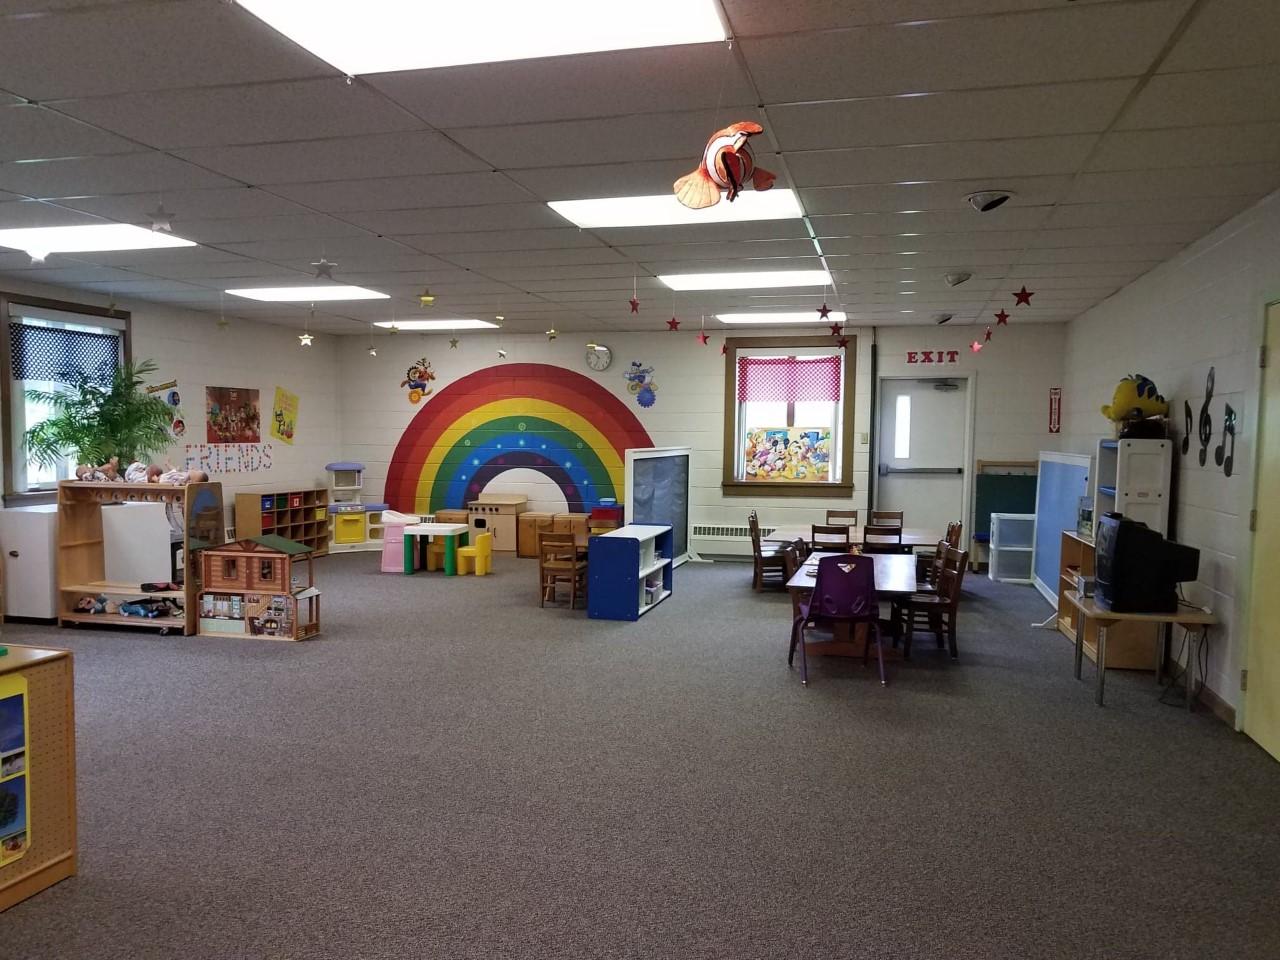 Preschool_Classroom4_Sept2019